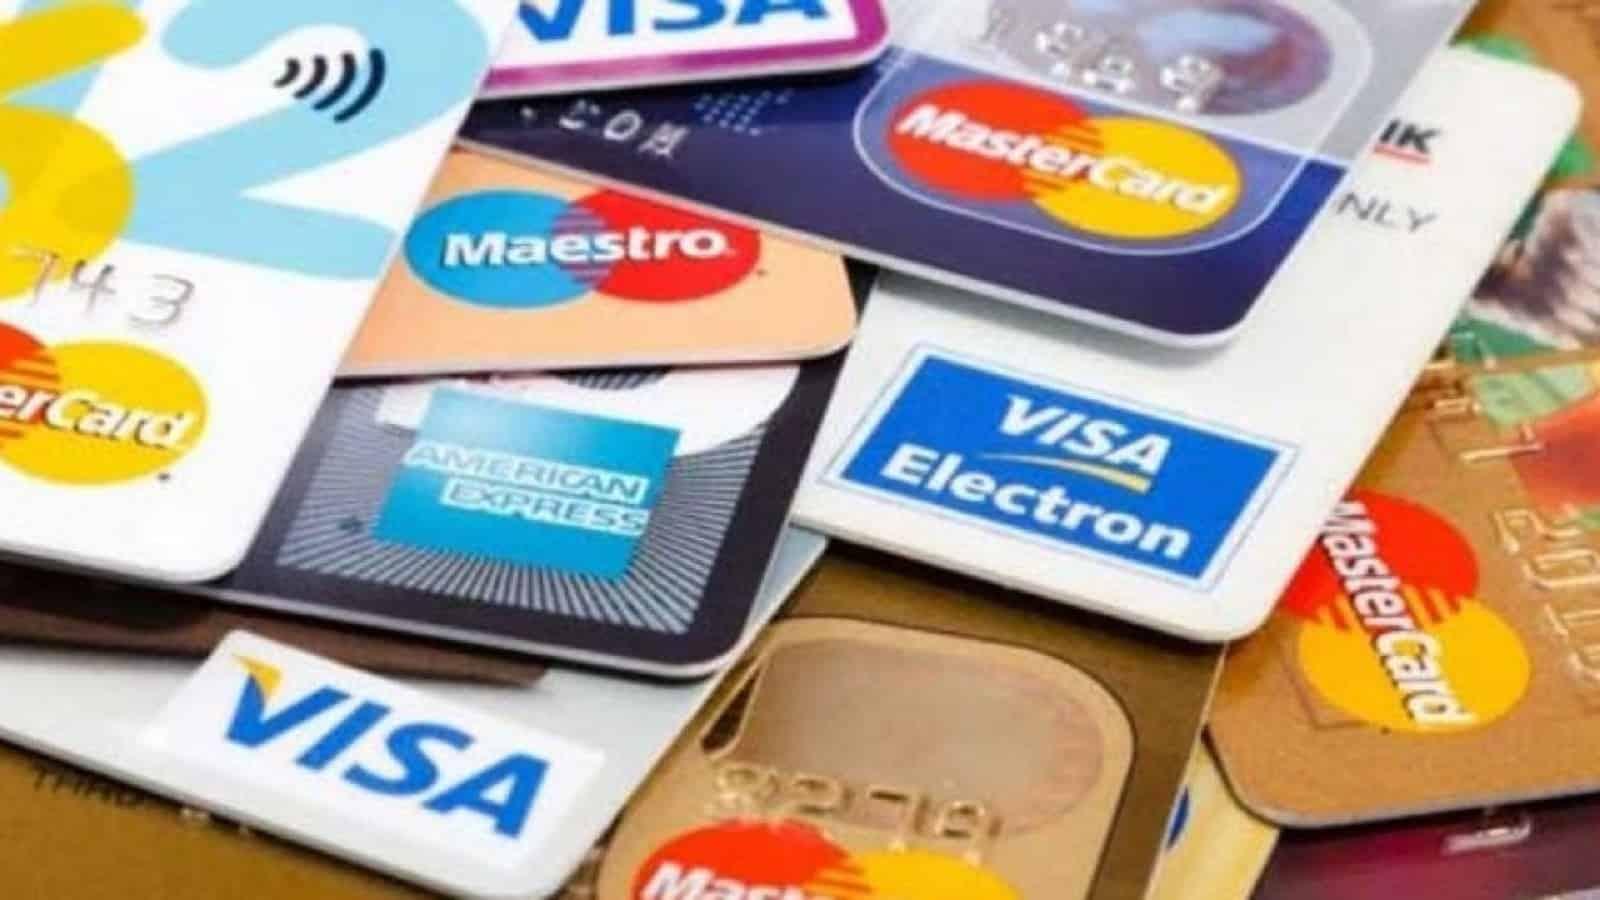 ogrenciler icin en uygun kredi karti secenekleri